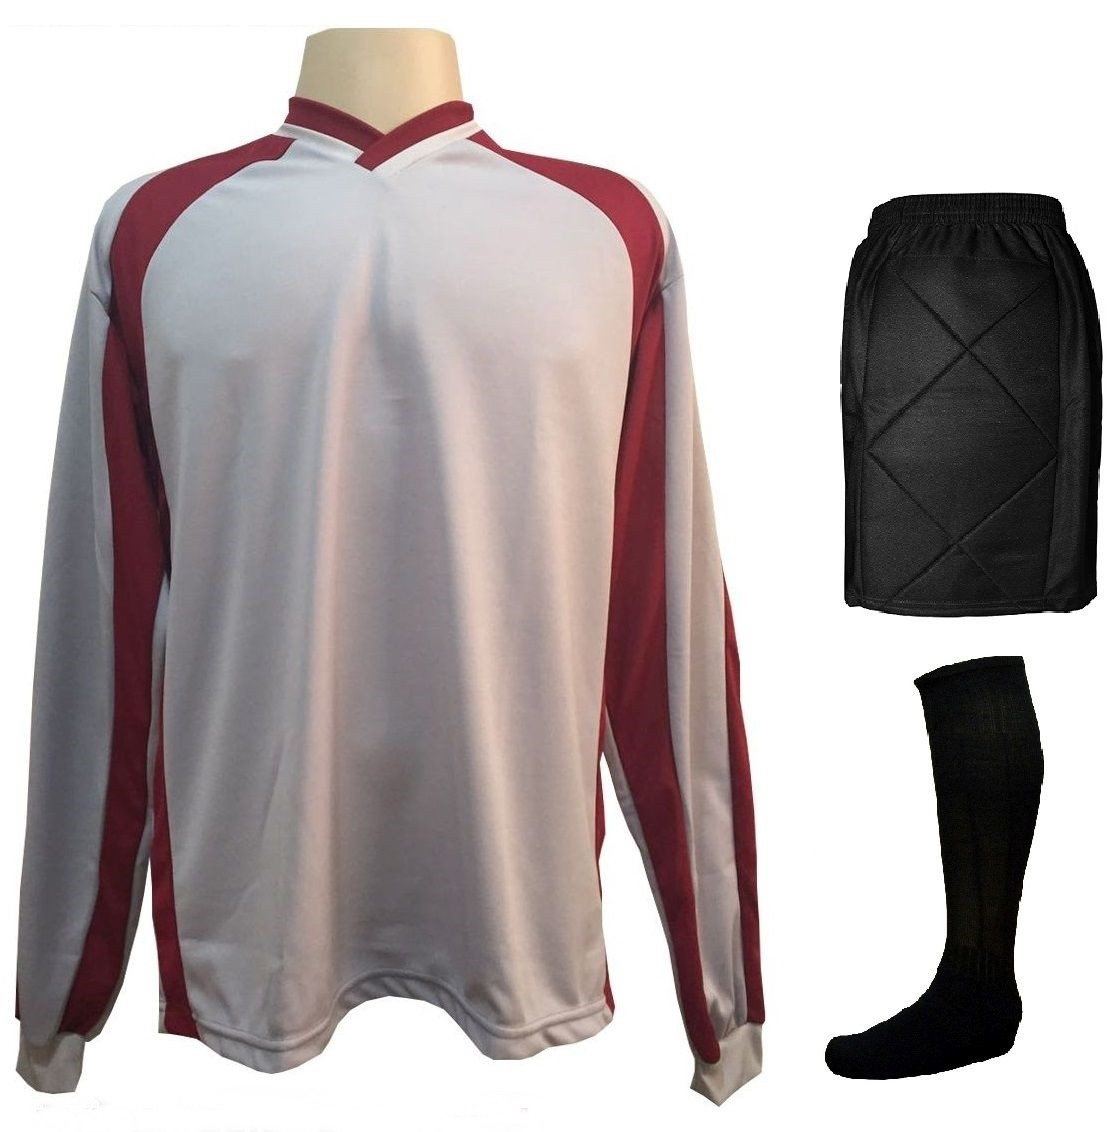 Uniforme Esportivo Completo modelo Sporting 14+1 (14 camisas Vermelho/Branco + 14 calções modelo Copa Vermelho/Branco + 14 pares de meiões + 1 conjunto de goleiro) + Brindes